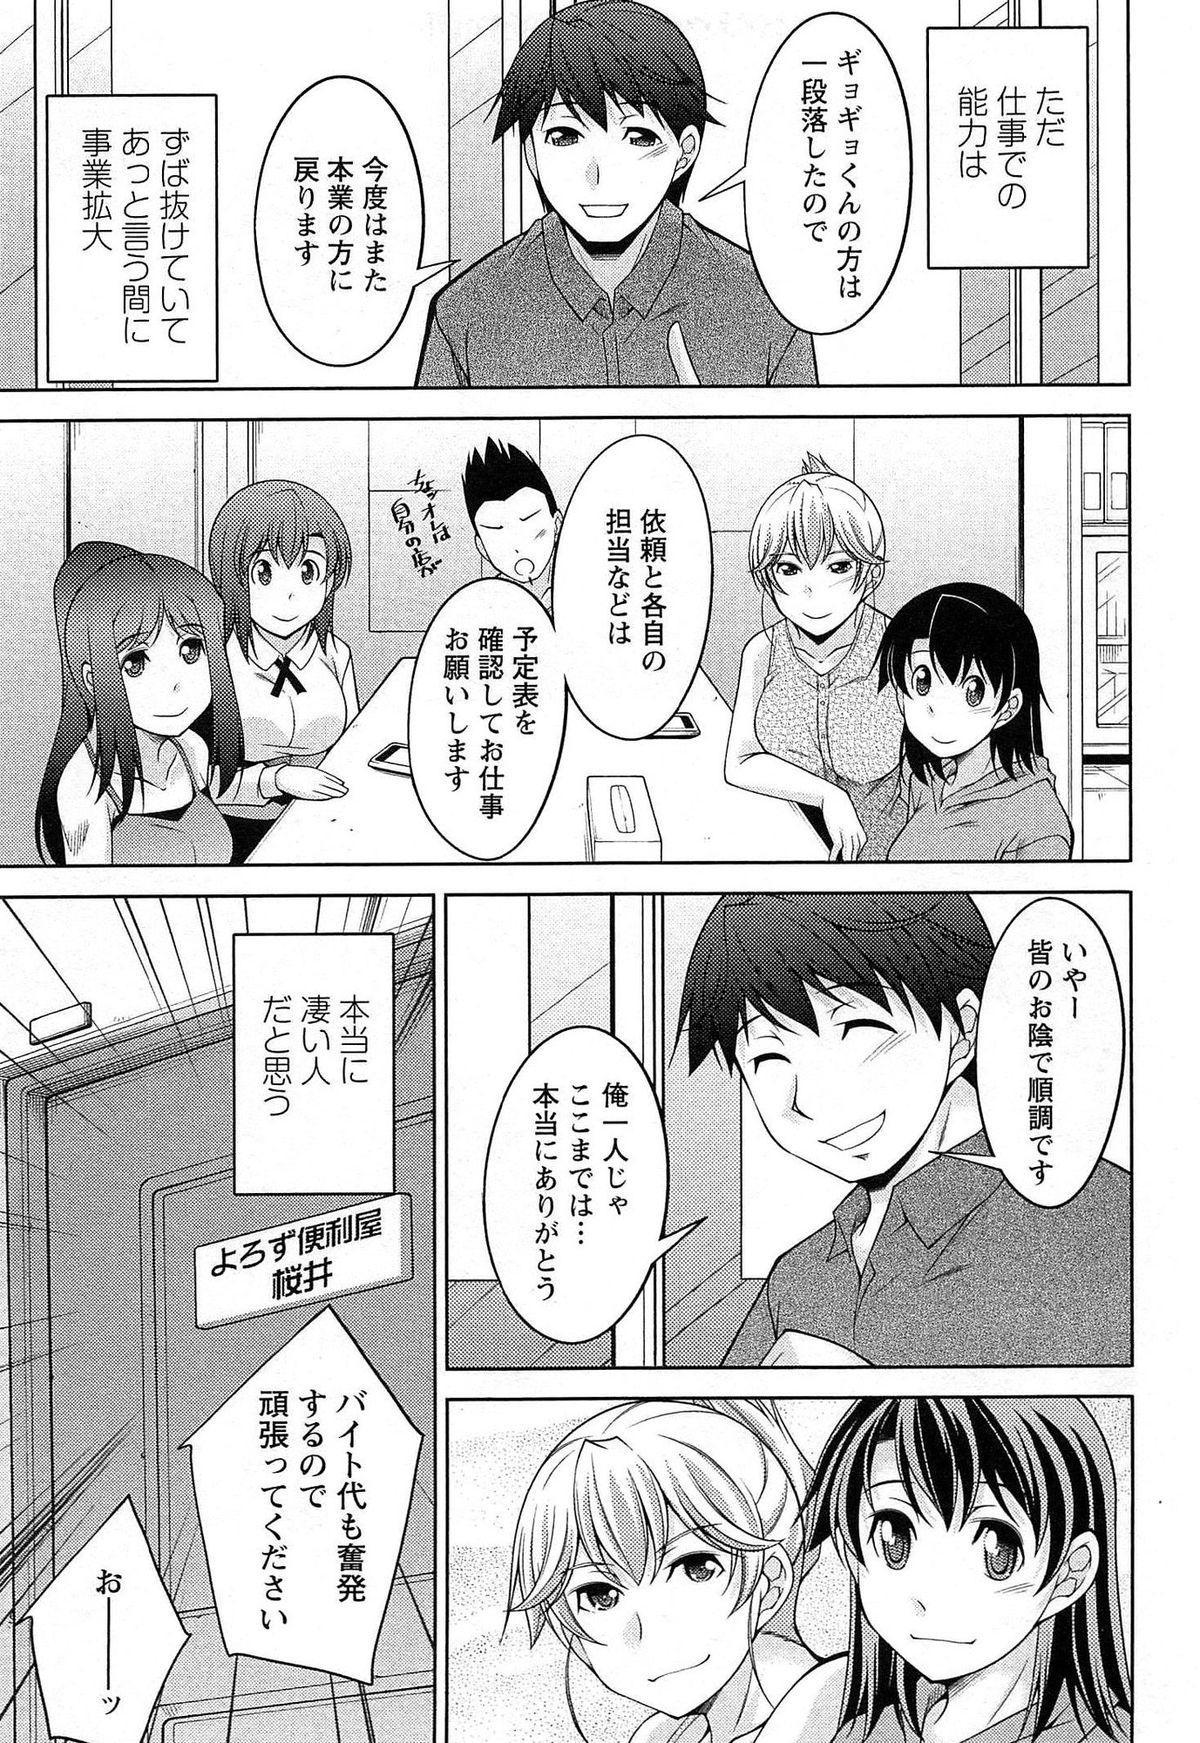 [zen9] Tsuki-wo Ai-Shite - Tsuki-ni Koi-shite 2 105